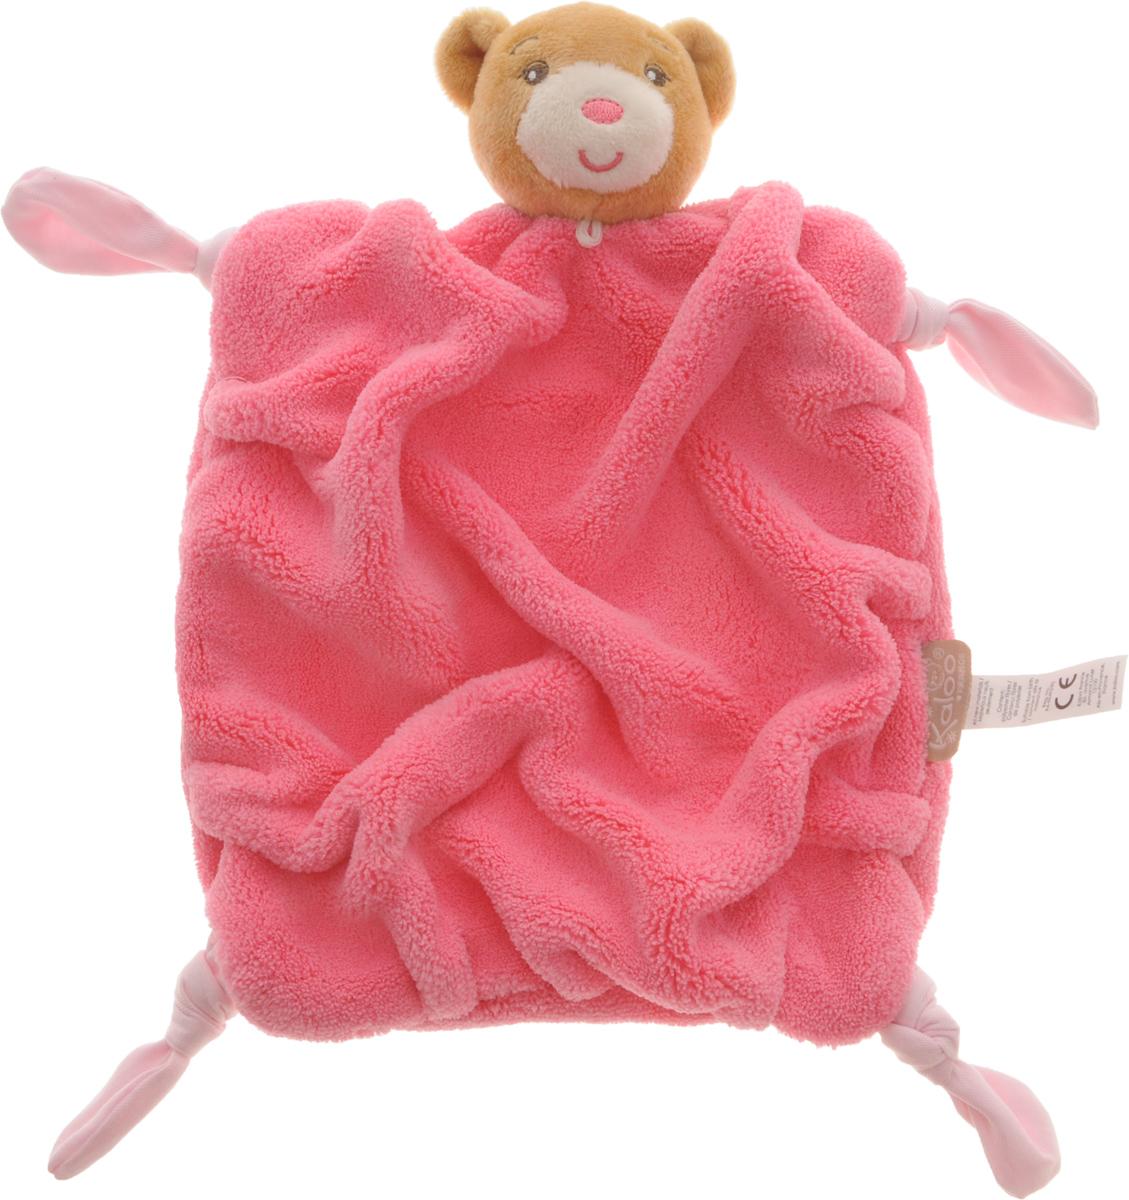 Kaloo Игрушка-комфортер Мишка цвет розовый светло-коричневыйK962306Игрушка-комфортер Мишка позволит малышу спокойно и сладко уснуть. Особенность игрушки-комфортера состоит в том, что сначала маме необходимо некоторое время подержать игрушку рядом с собой для того, чтобы она впитала материнский запах. После чего игрушку можно дать и малышу. Младенцу будет очень комфортно засыпать с такой игрушкой, она позволит ему быстро успокоиться и сладко заснуть. Со временем комфортер станет не только игрушкой для сна, но и любимым защитником от плохих сновидений и детских страхов. Комфортер выполнен в насыщенном розовом цвете, на уголках завязаны узелочки. Игры с мягкими игрушками развивают тактильную чувствительность и сенсорное восприятие. Изделие изготовлено из качественных и безопасных для здоровья детей материалов, которые не вызывают аллергии.